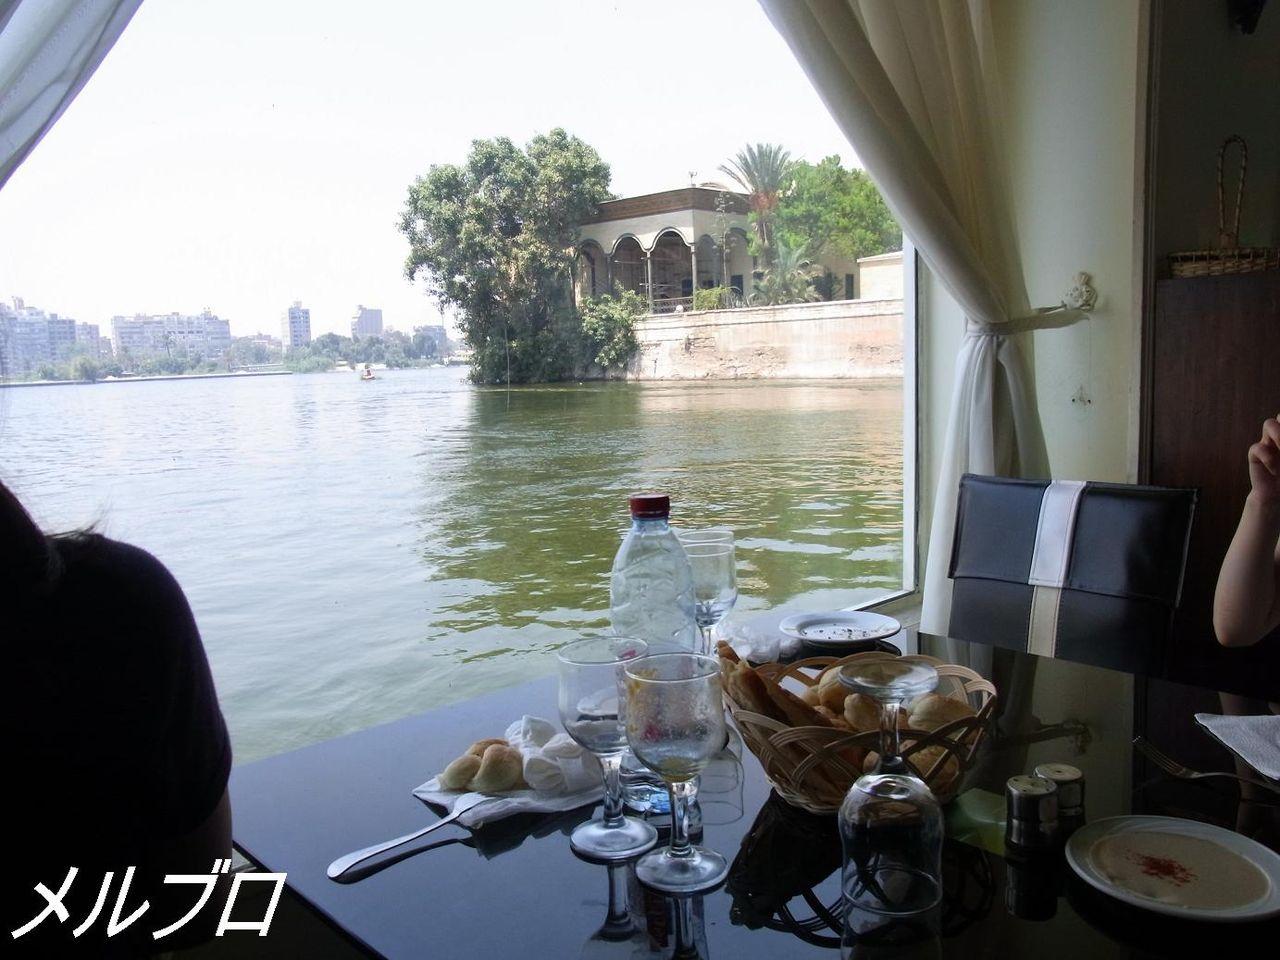 ナイル川の見えるレストラン